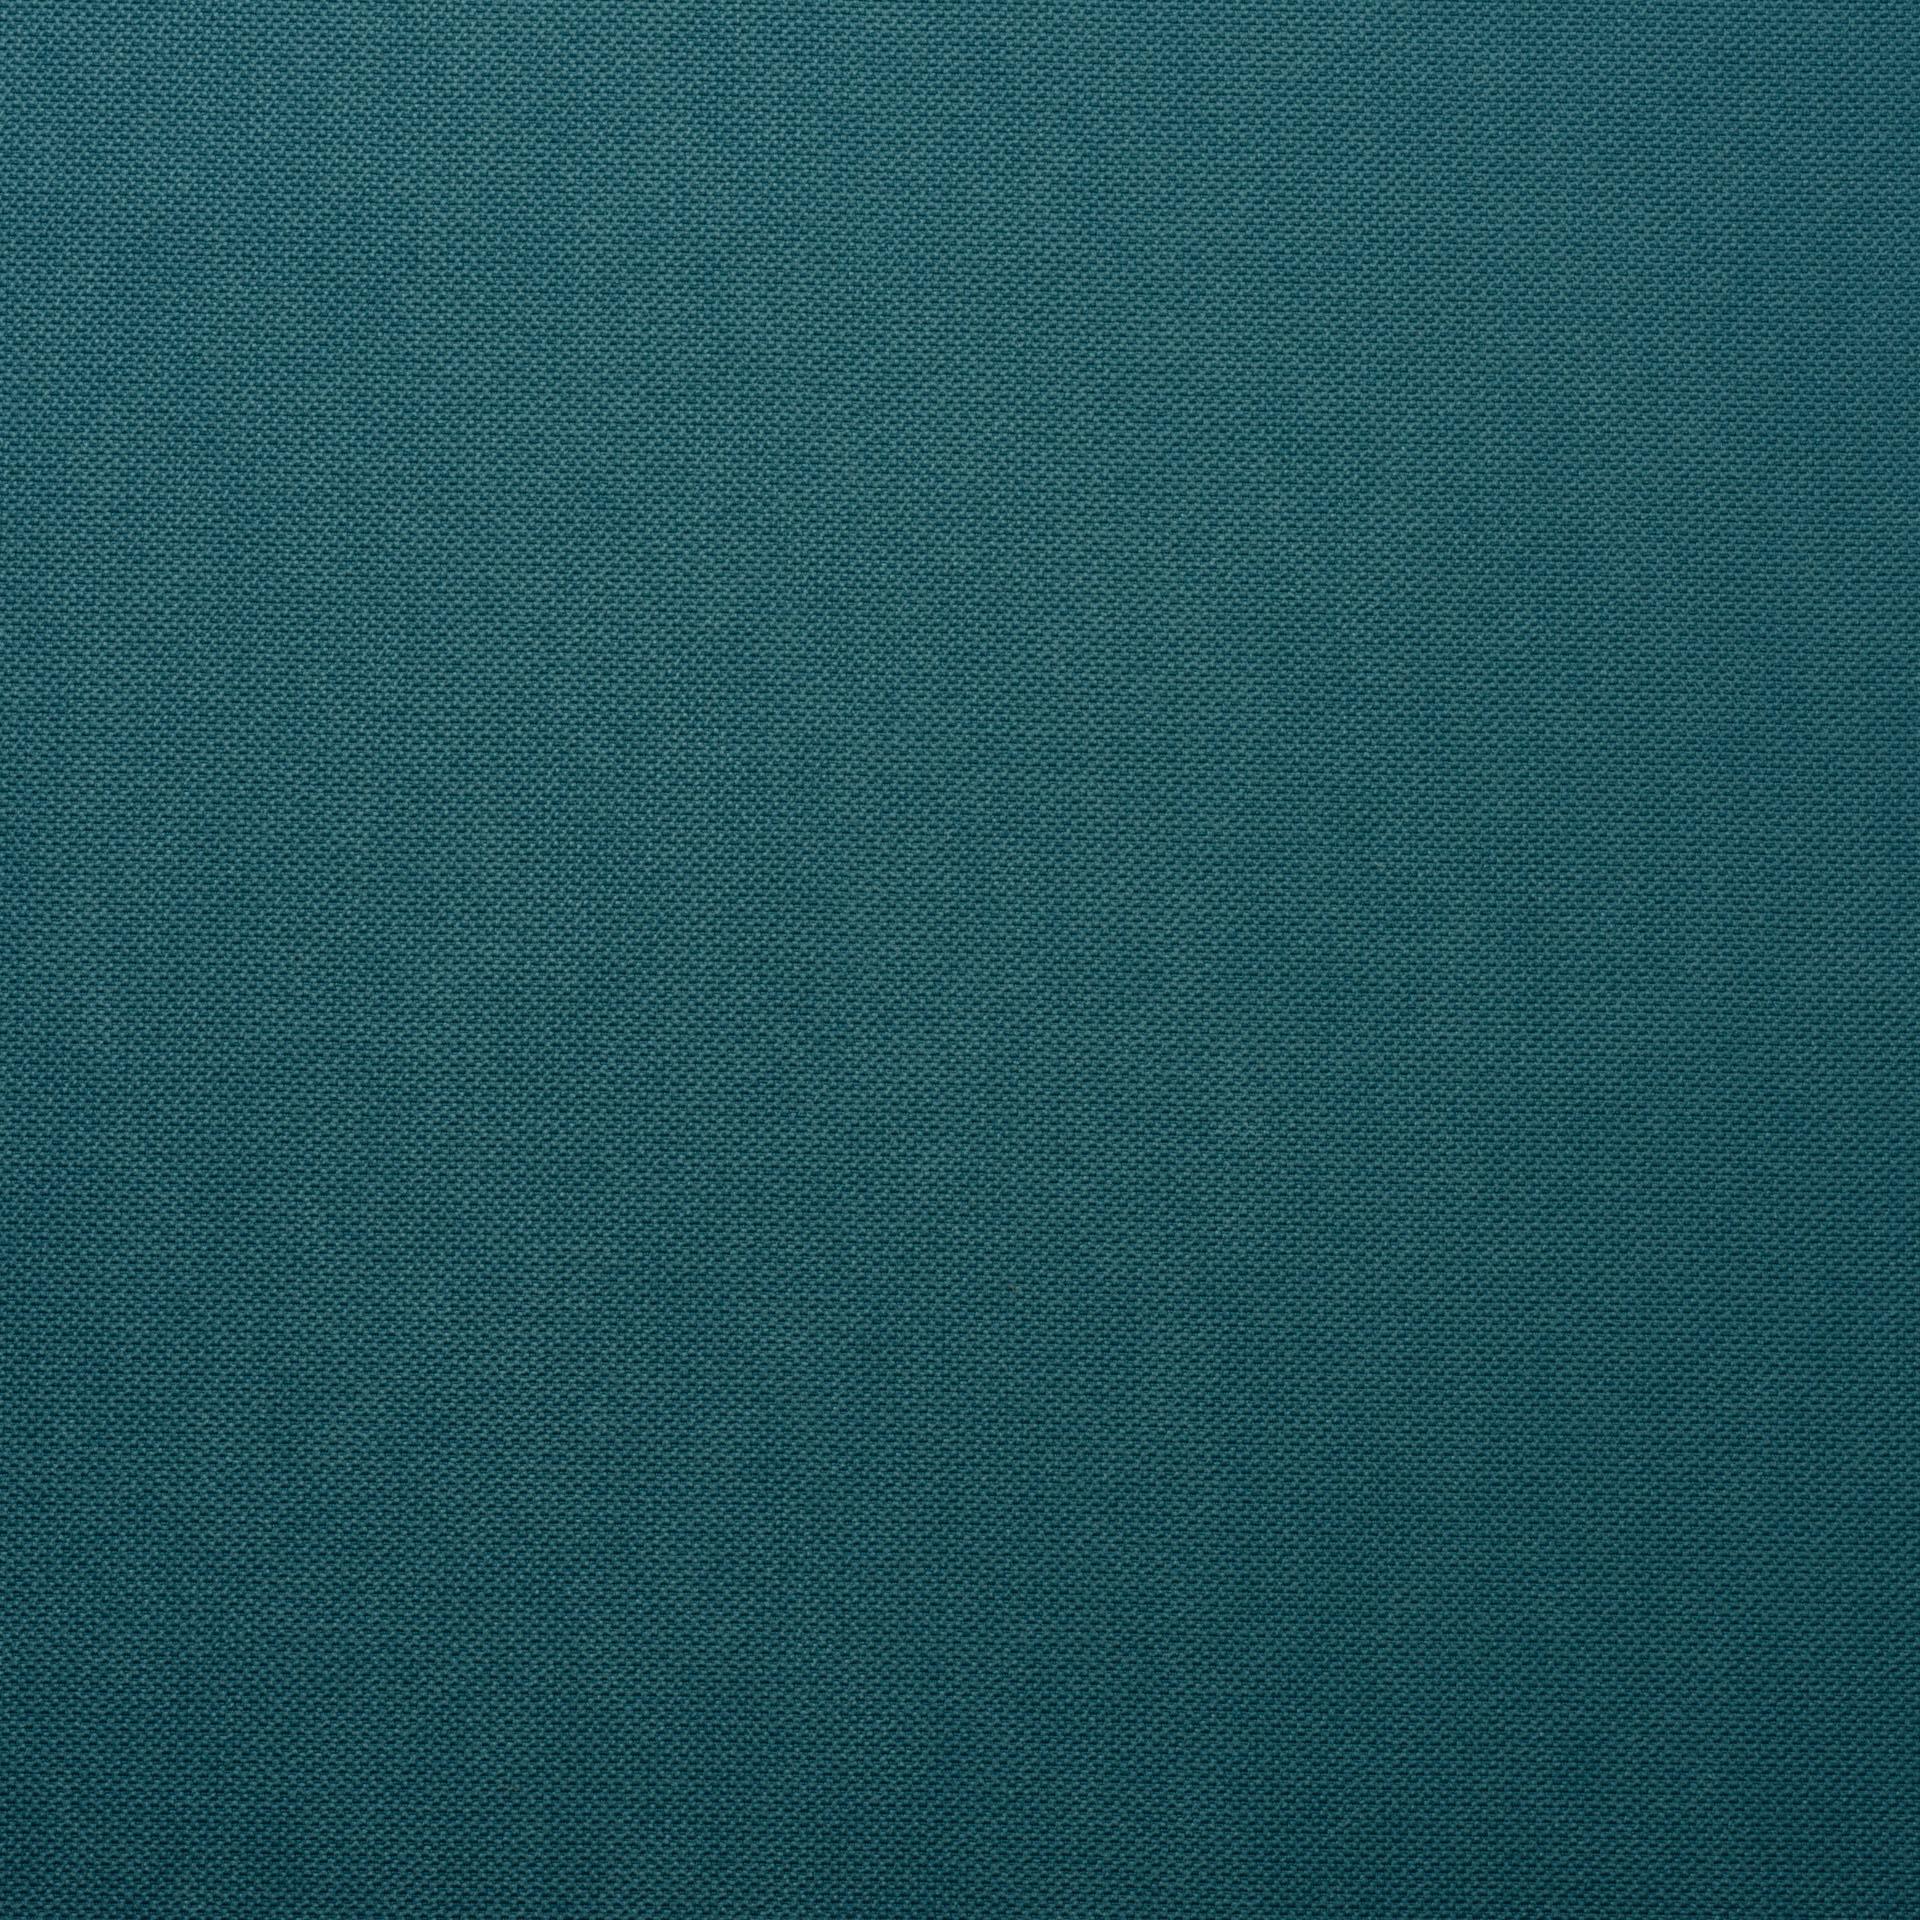 Коллекция ткани Стэнли 16 TEAL,  купить ткань Жаккард для мебели Украина